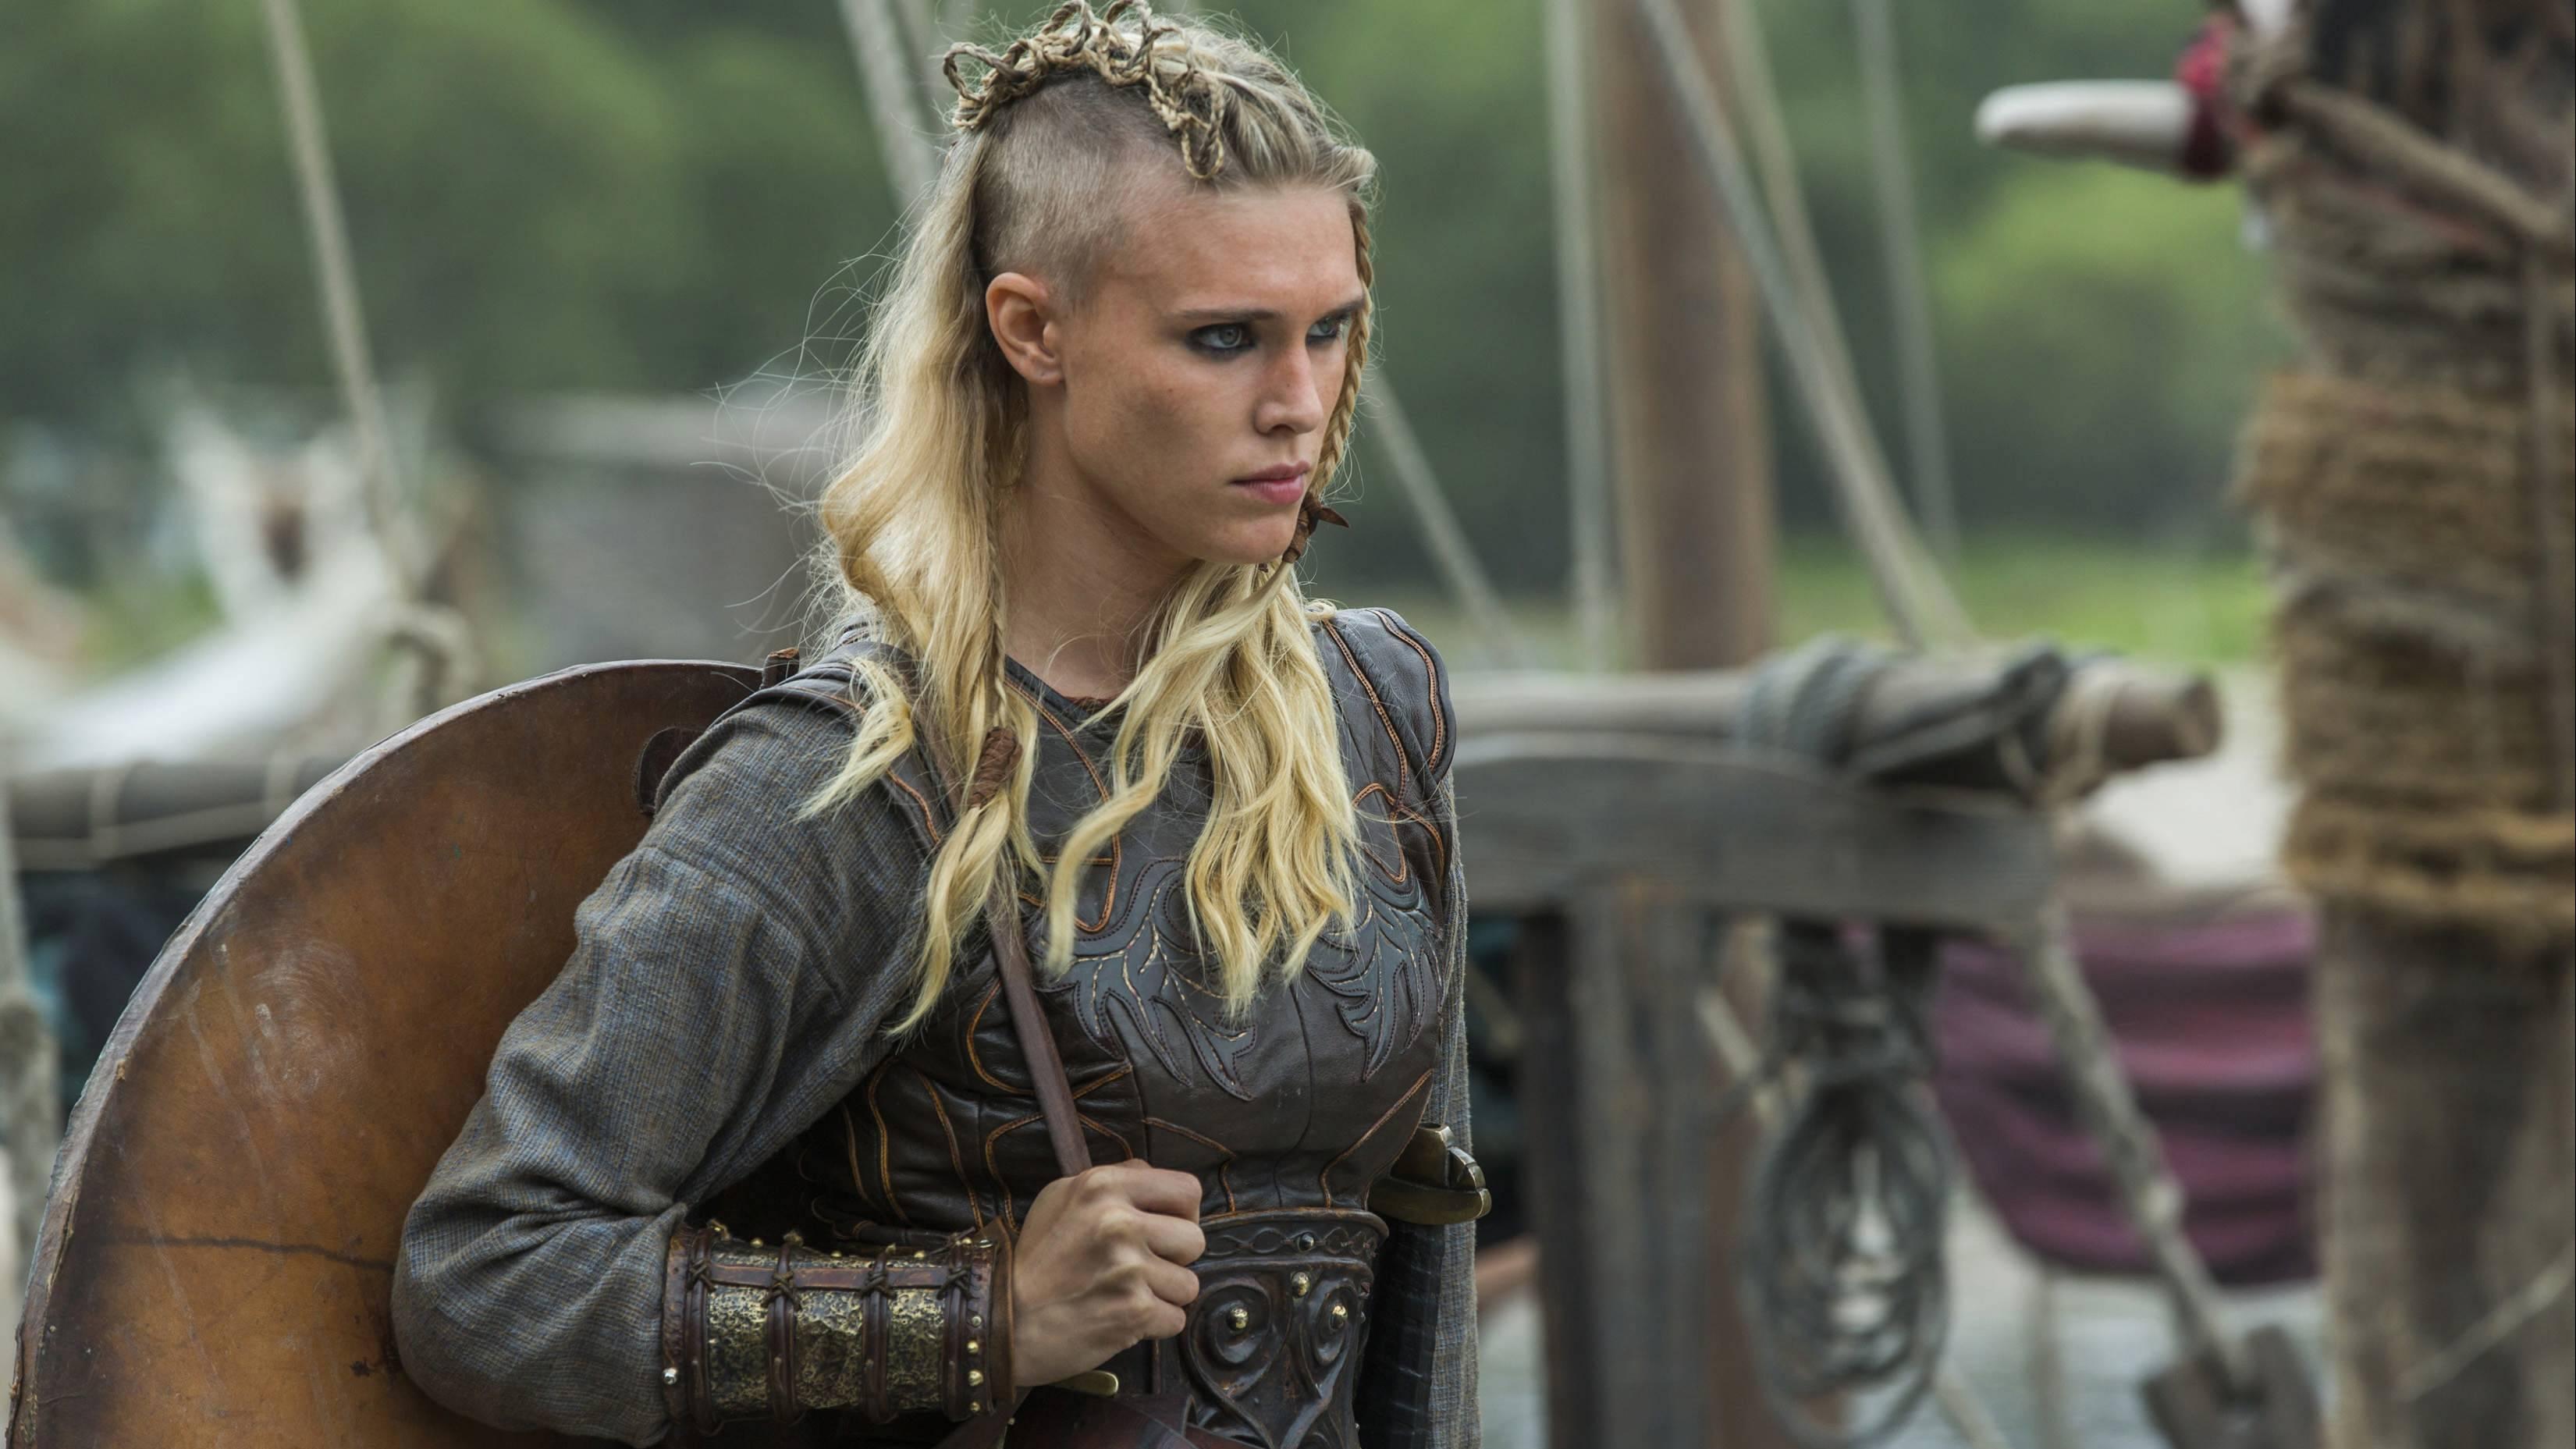 In der TV-Serie Vikings kämpfen Frauen wie Porunn (Gaia Weiss) eifrig mit